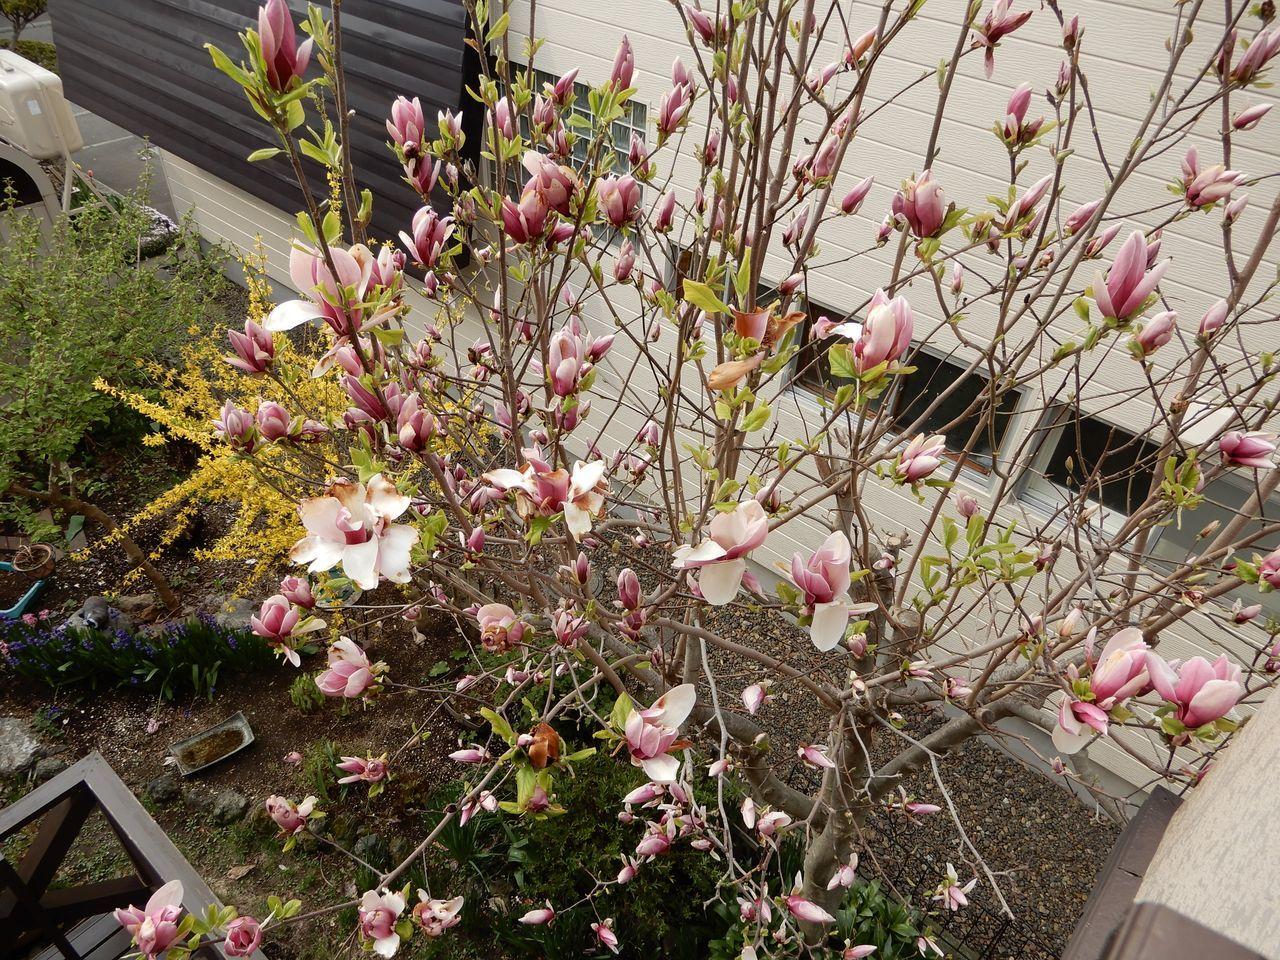 本格的な春を味わう前に強風下の立夏がやってきた_c0025115_21305958.jpg